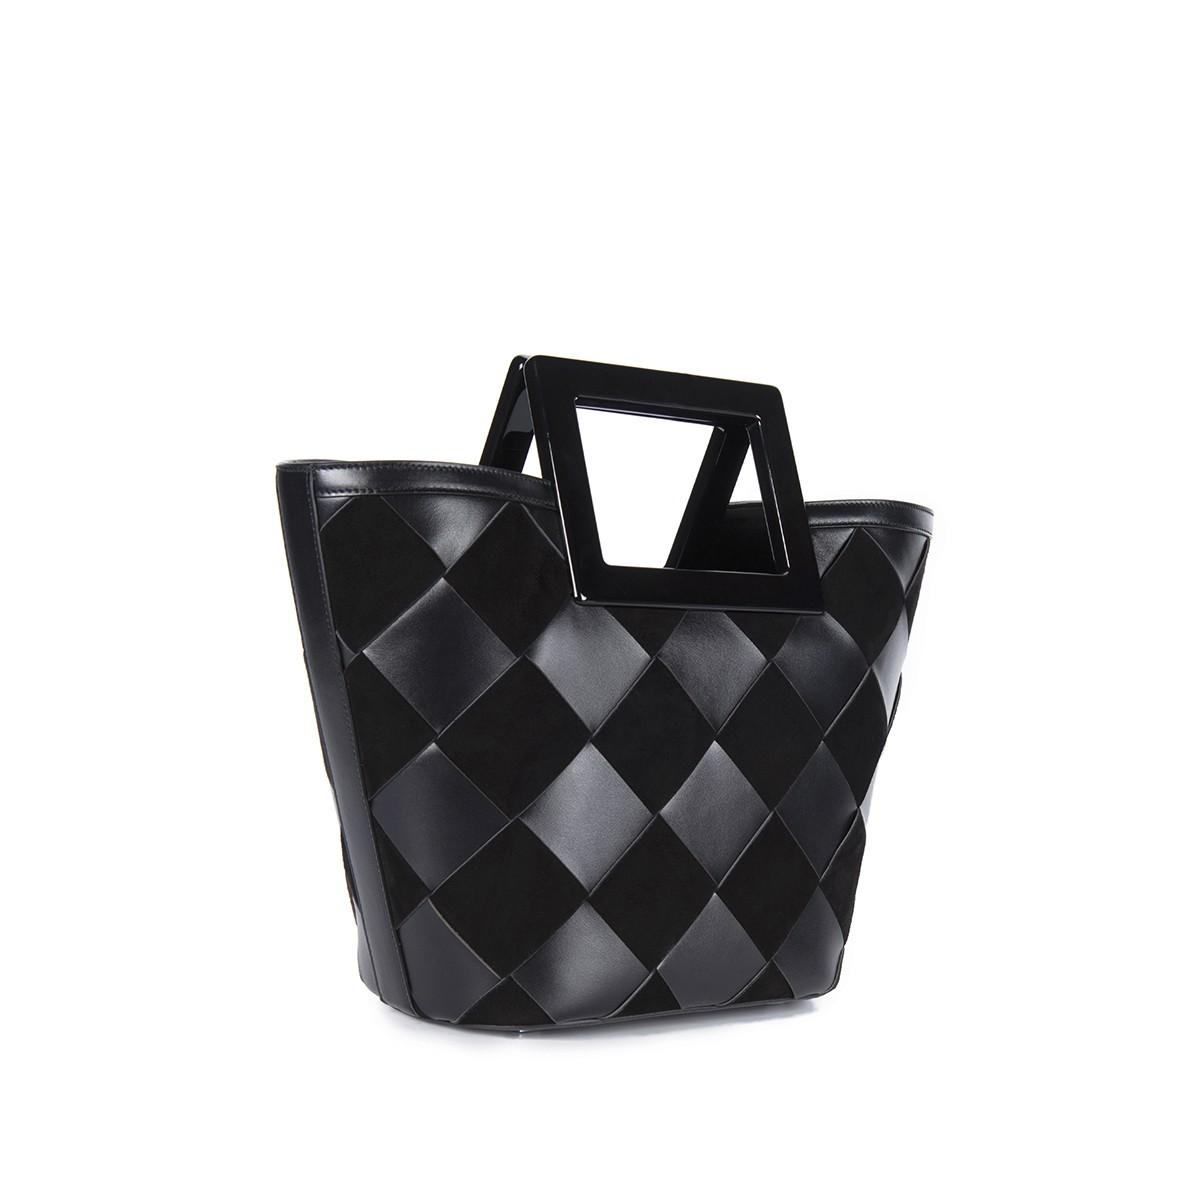 Mini Riviera in Black Woven Leather2